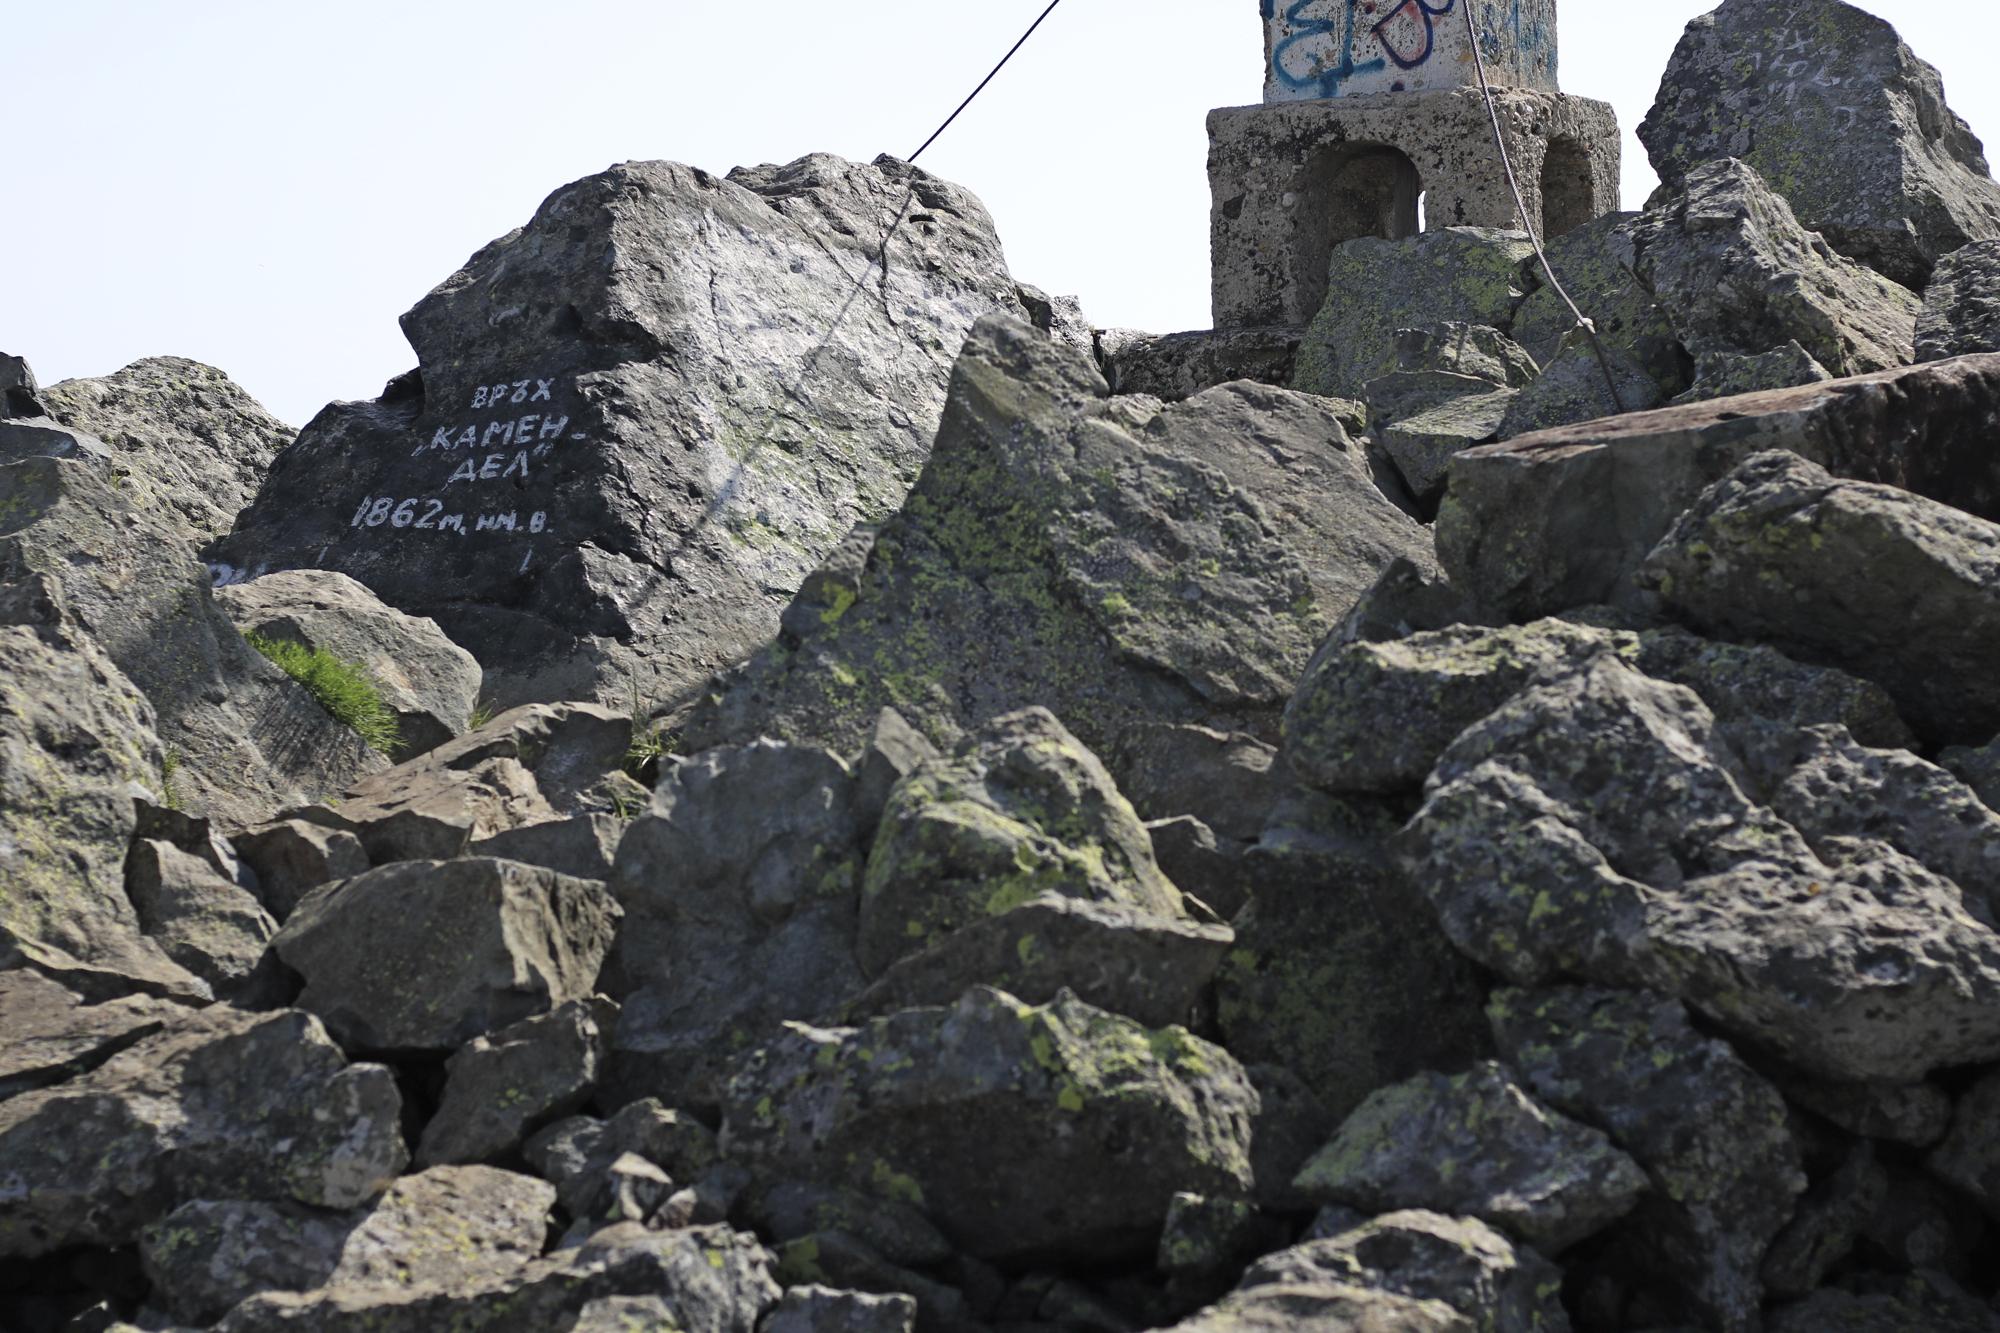 връх камен дел